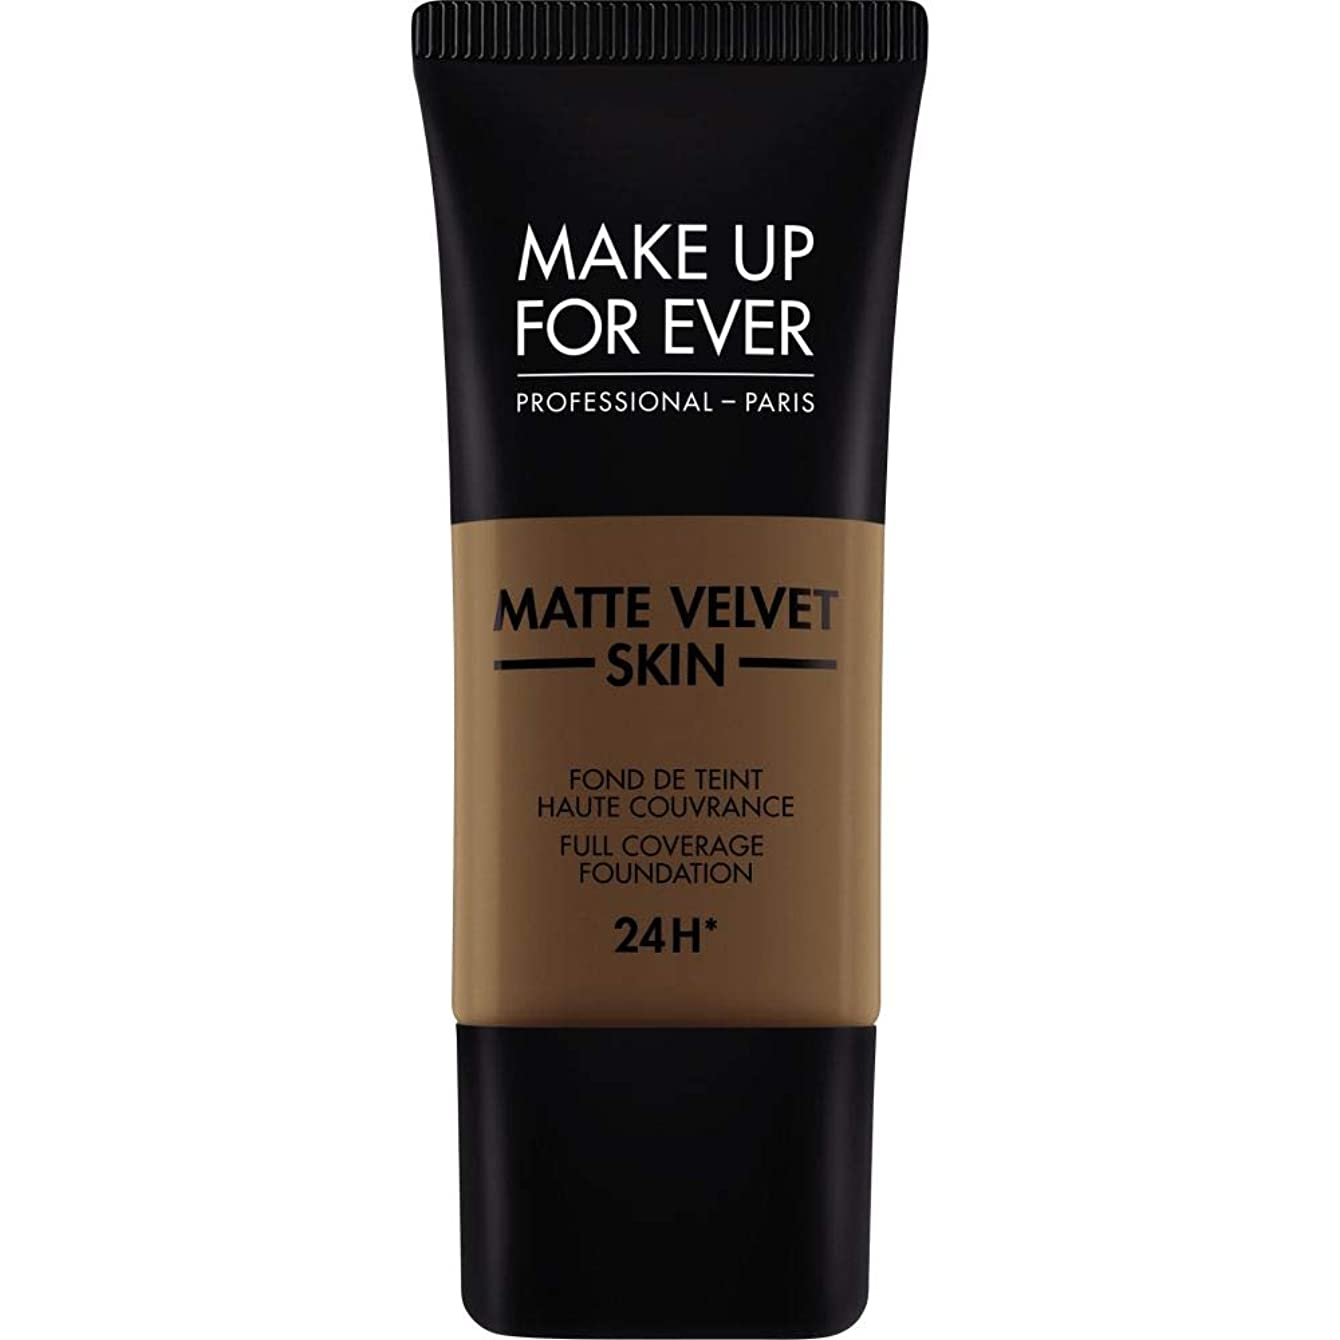 おびえた慣習下着[MAKE UP FOR EVER ] ダークブラウン - これまでマットベルベットの皮膚のフルカバレッジ基礎30ミリリットルのR540を補います - MAKE UP FOR EVER Matte Velvet Skin Full Coverage Foundation 30ml R540 - Dark Brown [並行輸入品]